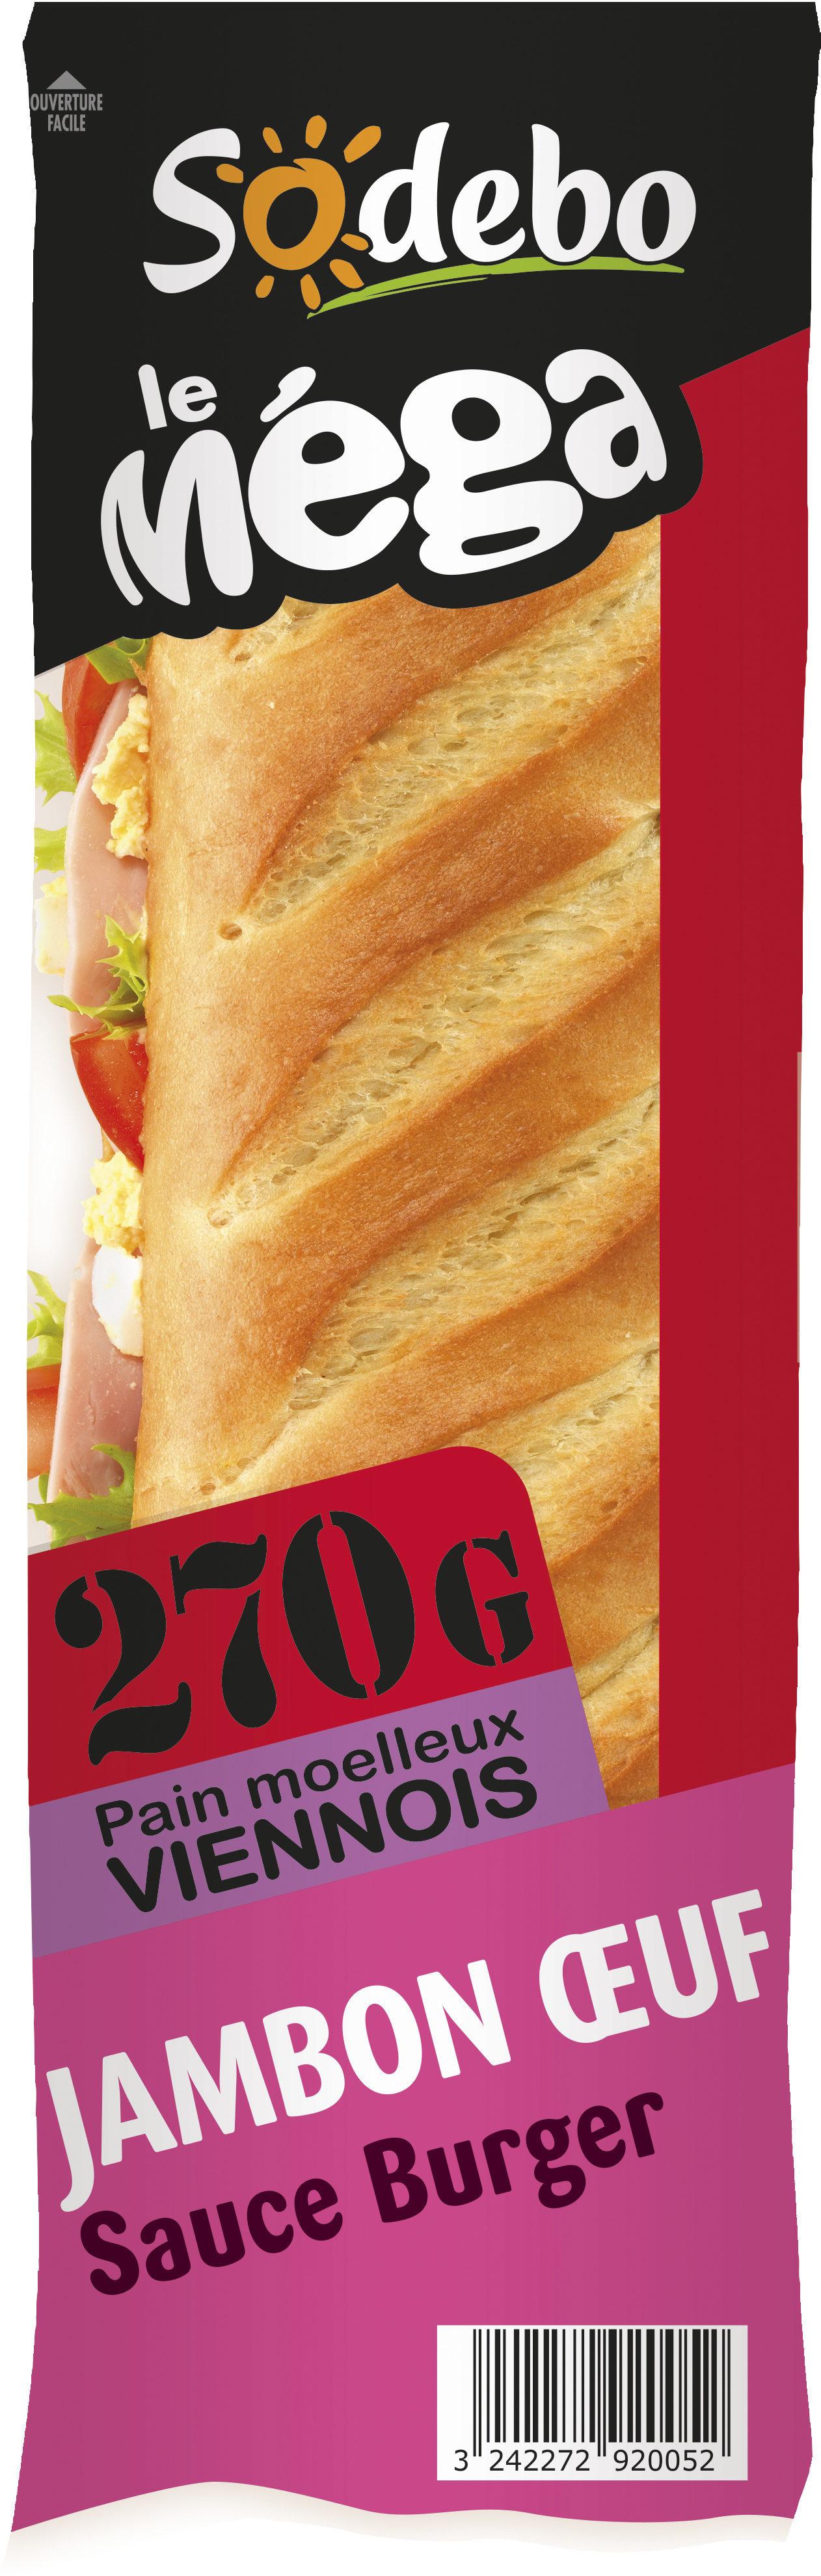 Sandwich Le Méga - Baguette - Jambon  Oeuf  Sauce burger - Produit - fr